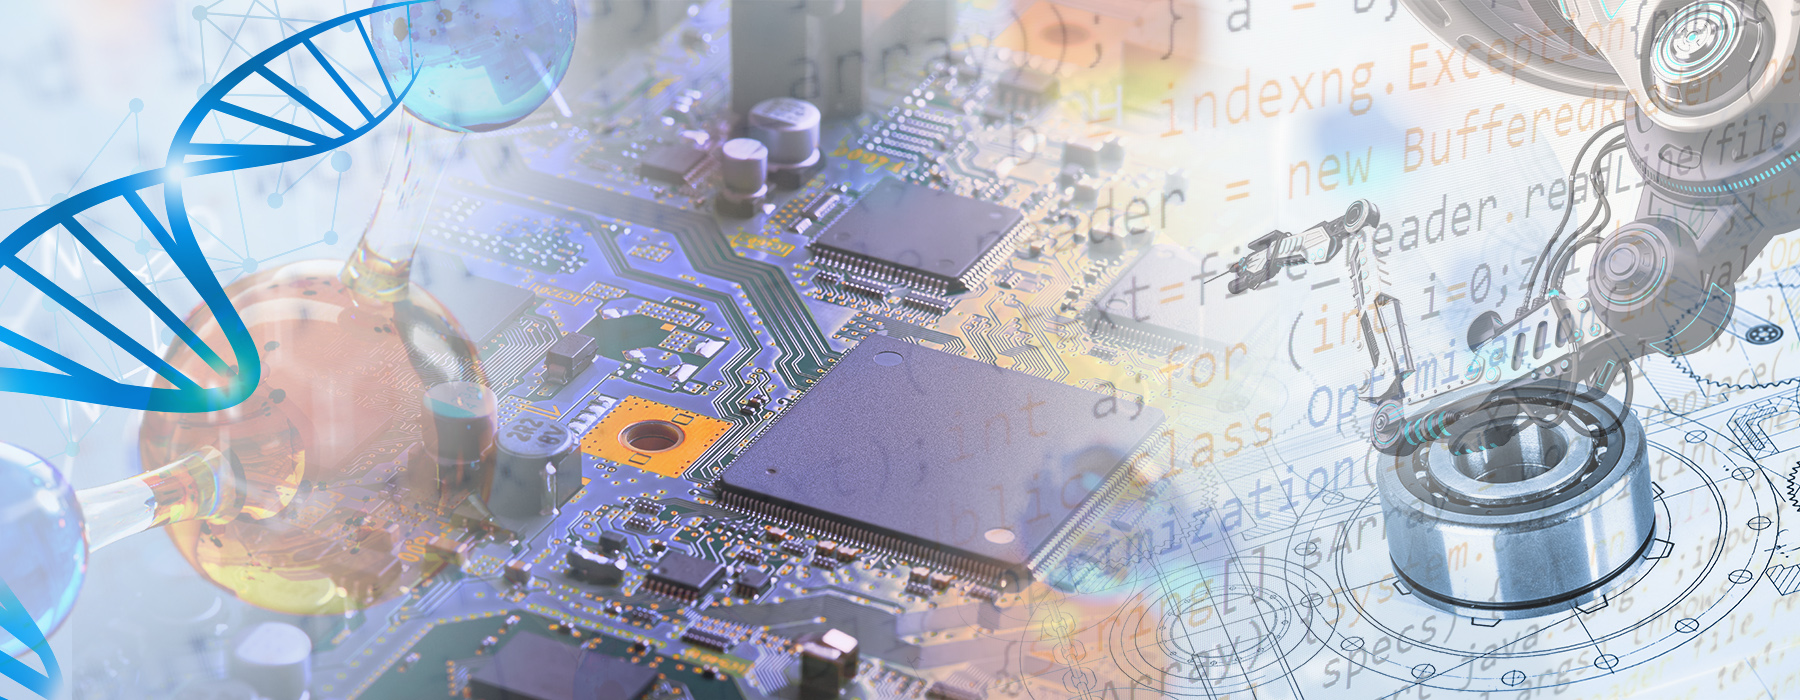 IP_TopWebsiteBanner_Industrial Design